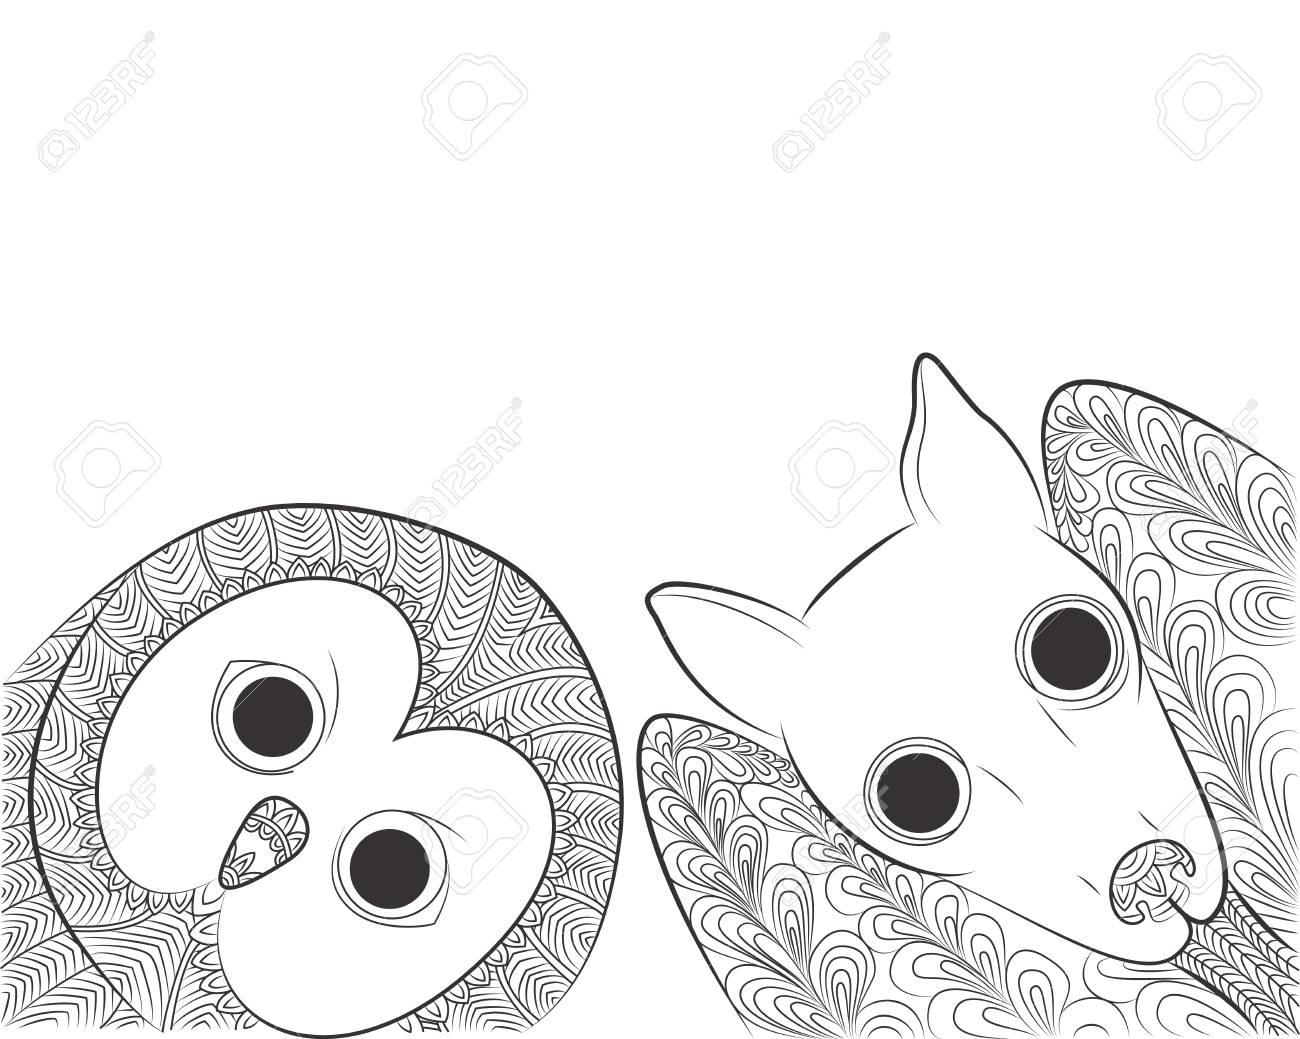 Doodle Ilustración De Vector De Búho Y Cabeza De Murciélago. Pájaro ...